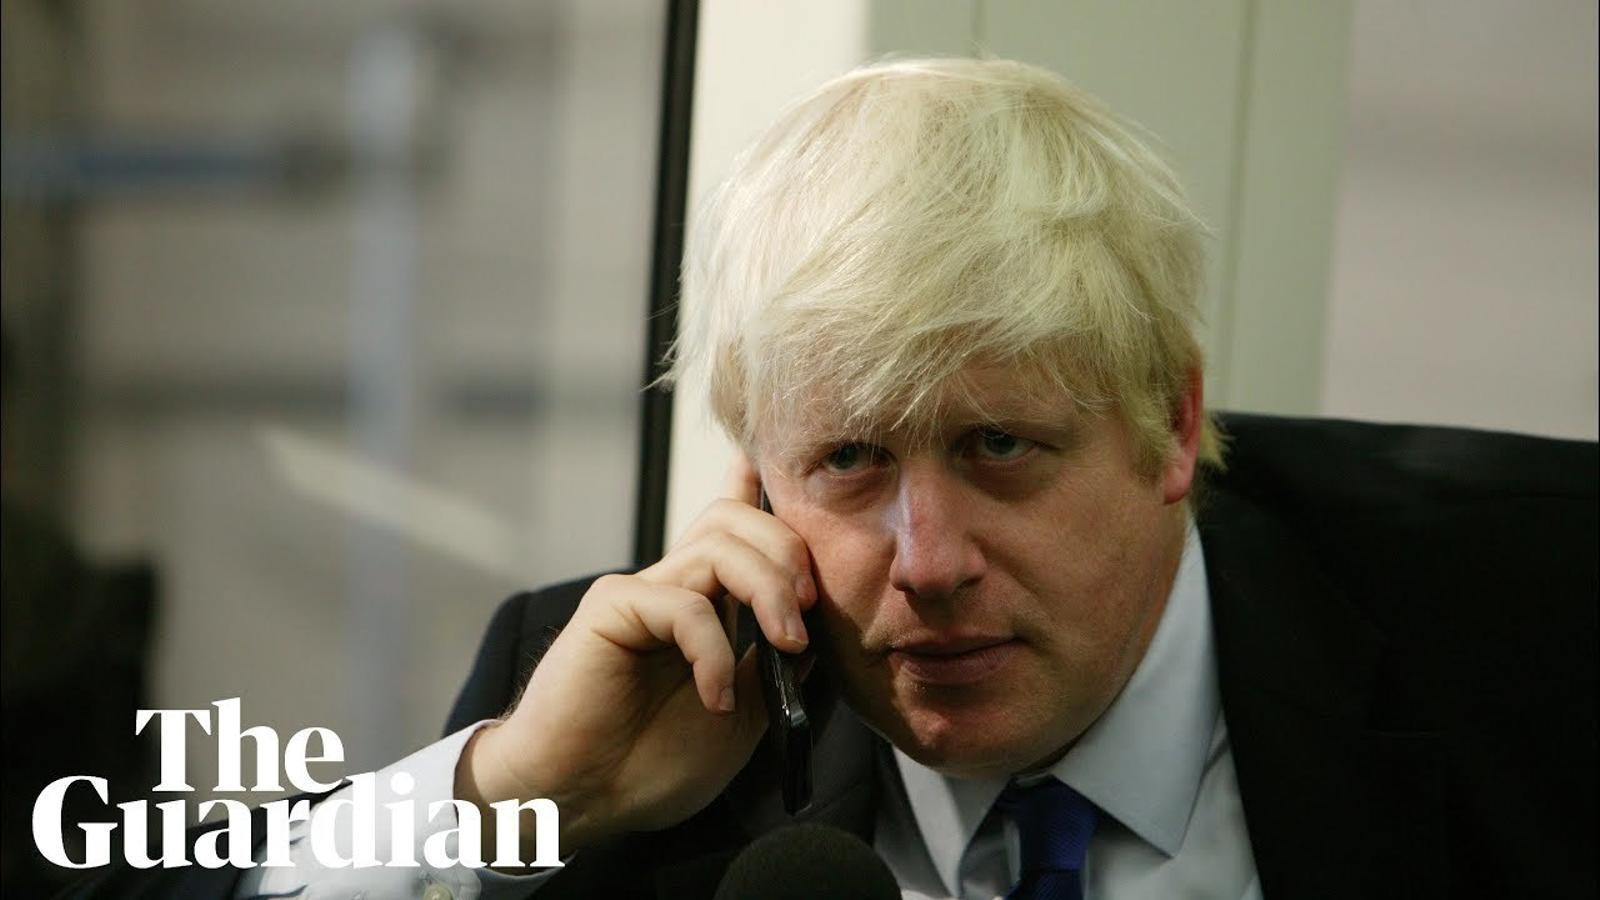 El ministre d'Exteriors britànic, víctima d'una trucada falsa en nom del primer ministre d'Armènia